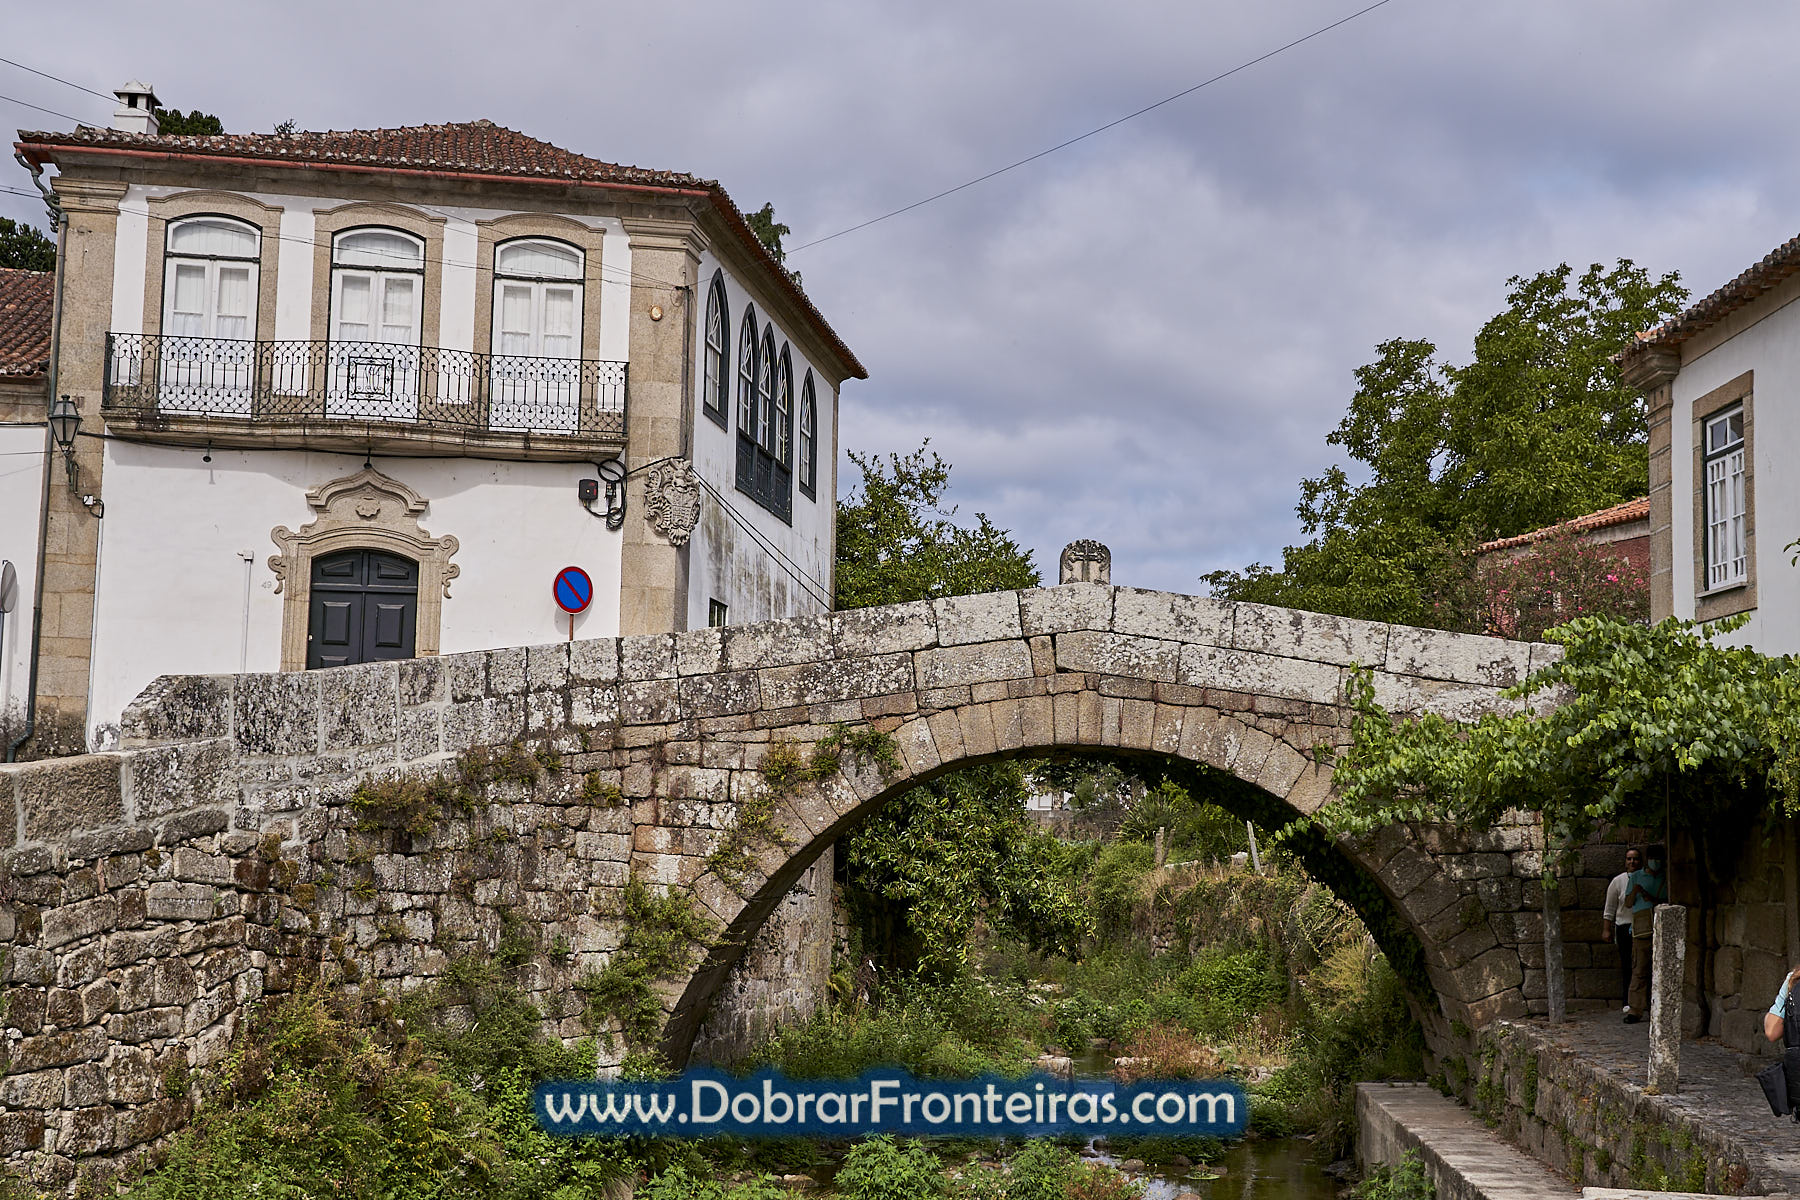 ponte romana de Vouzela